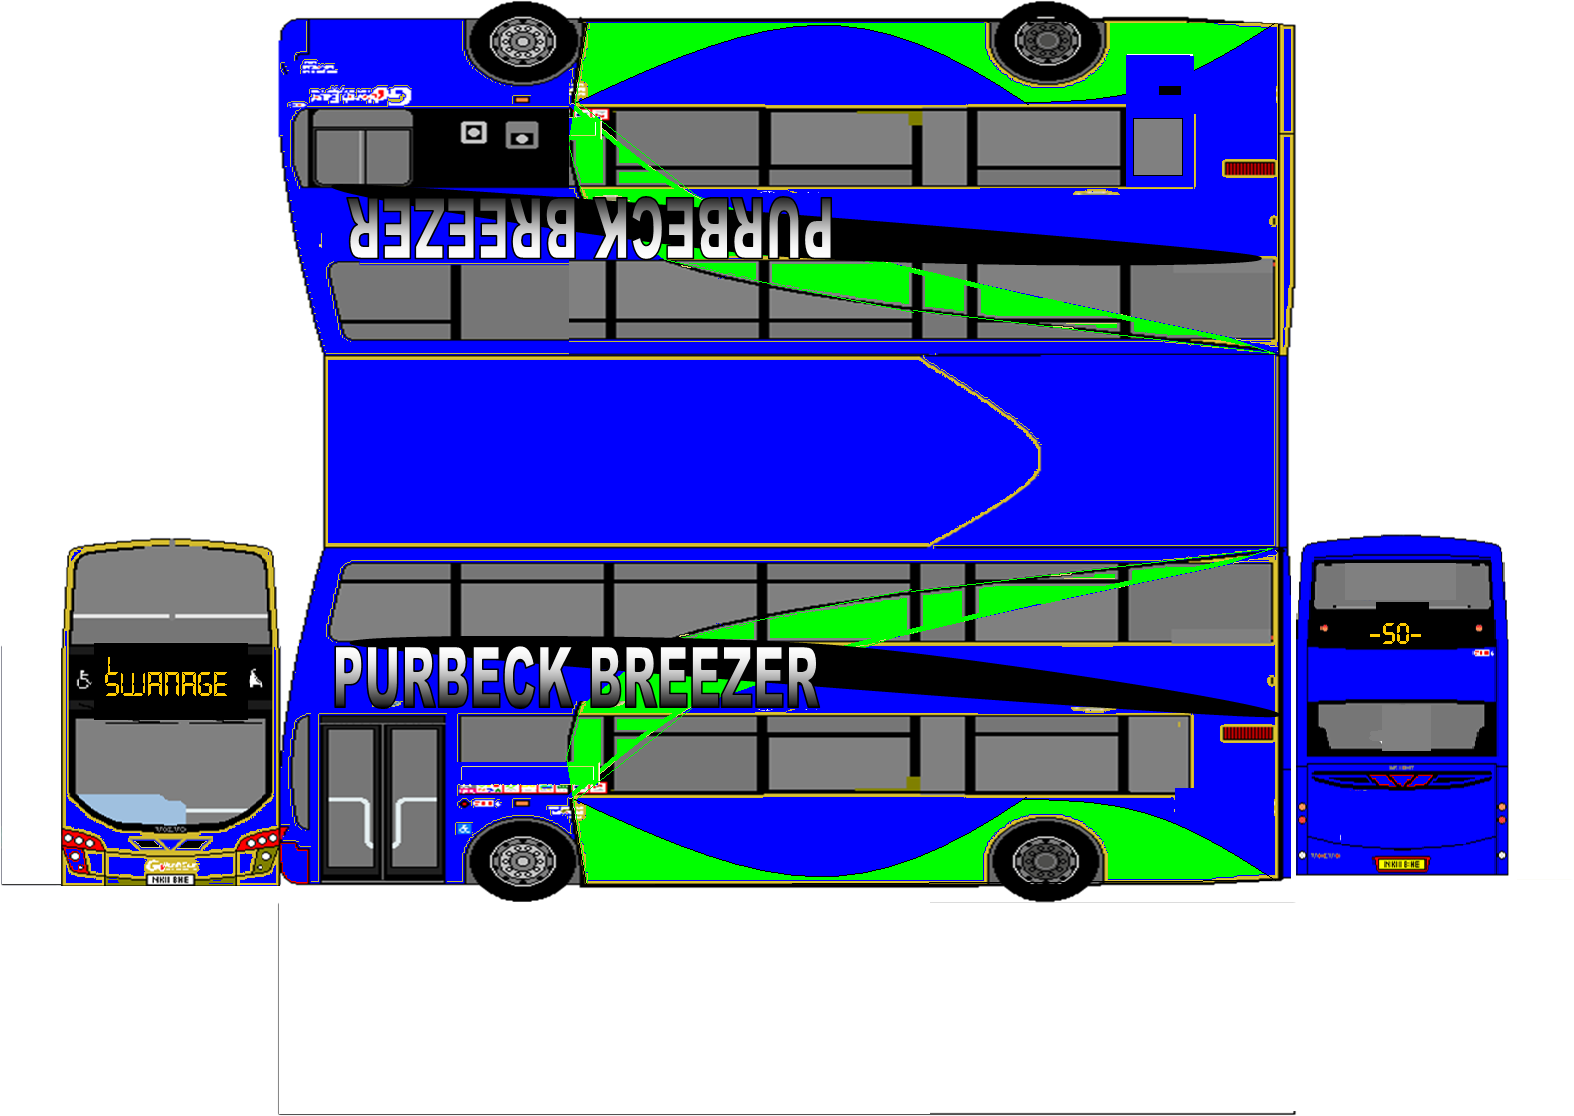 http://3.bp.blogspot.com/-8DRvaXI6HVs/TzlfLlY0IxI/AAAAAAAAAQQ/u_letszkEVQ/s1600/route+50+pb1.PNG